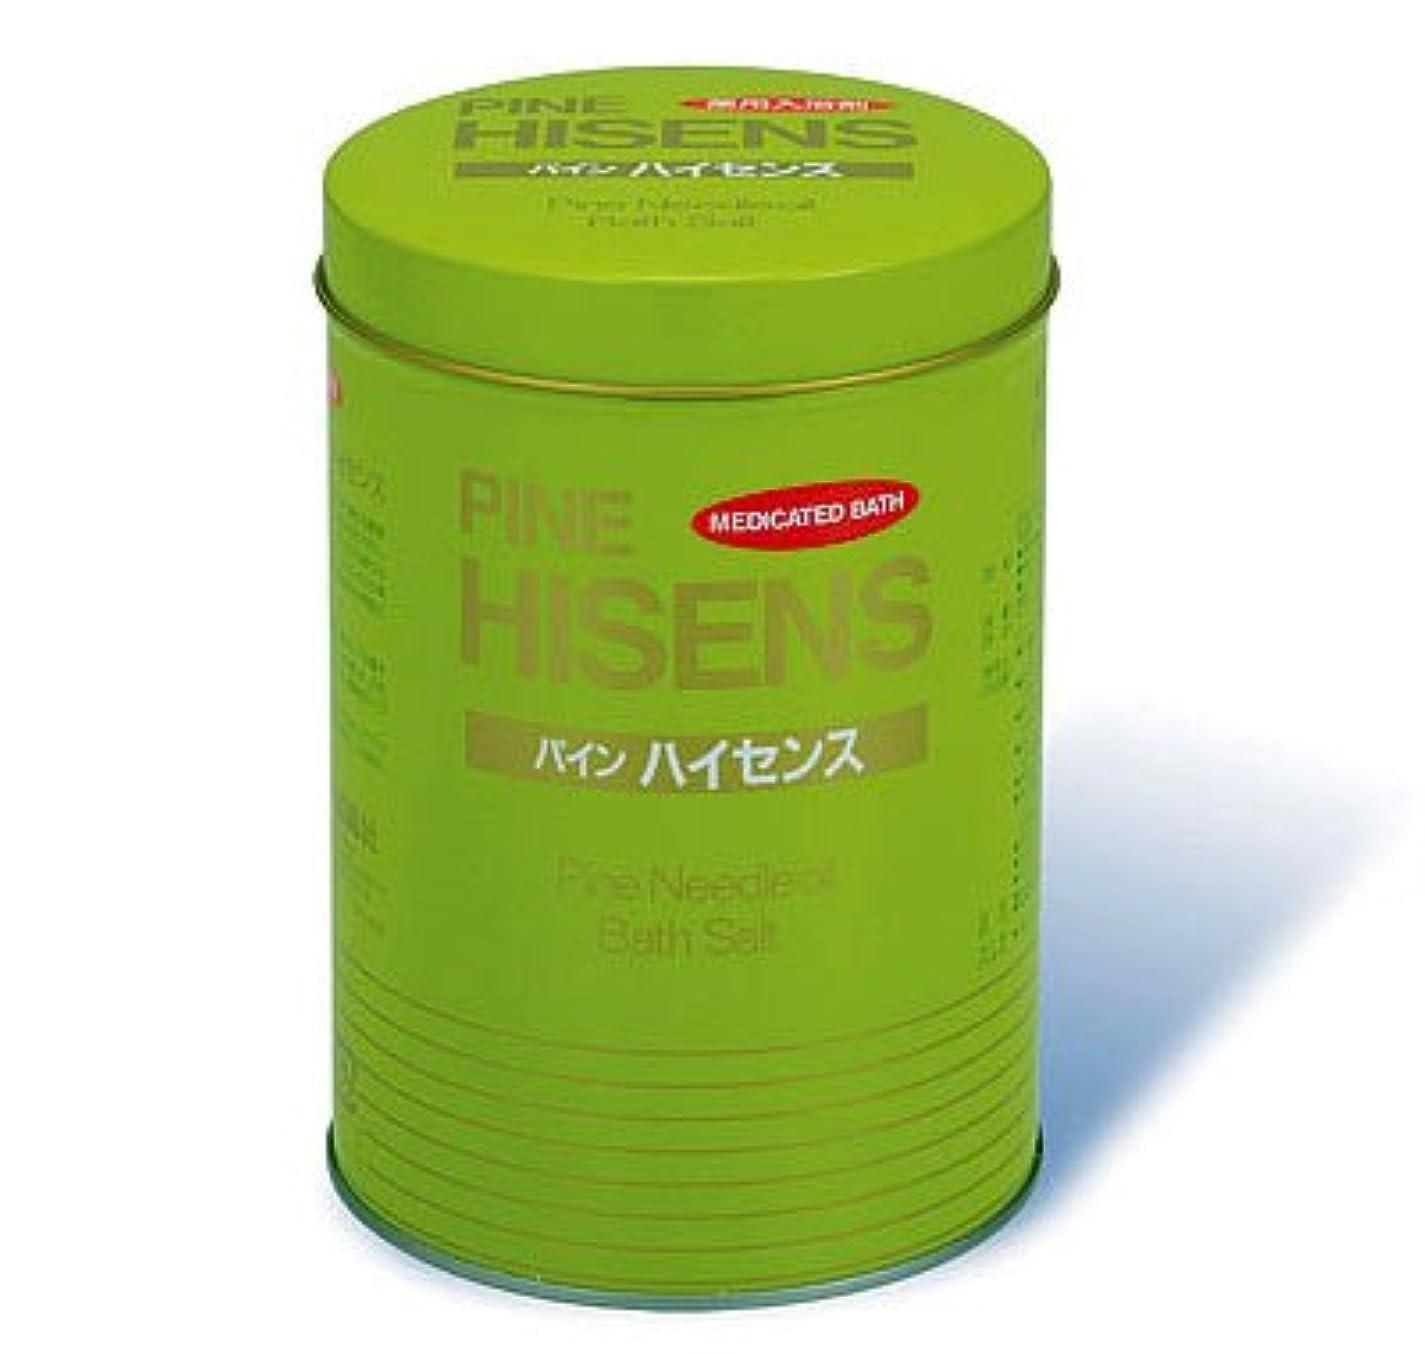 浴伴うバーマド高陽社 薬用入浴剤 パインハイセンス 2.1kg 1缶